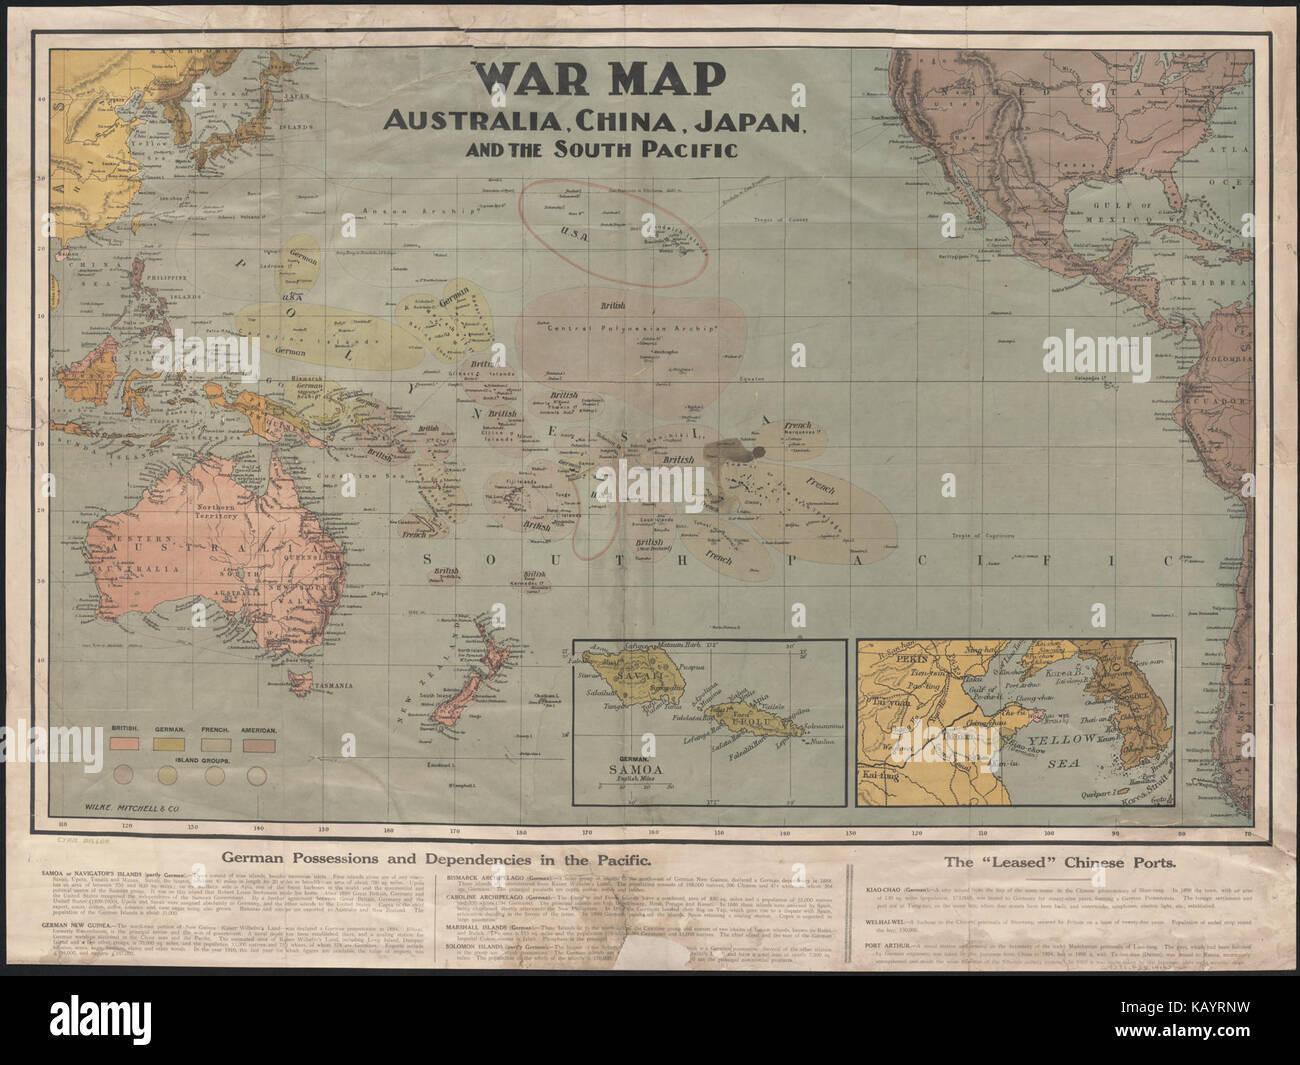 Carte Australie Chine.Carte De La Guerre De L Australie La Chine Le Japon Et Le